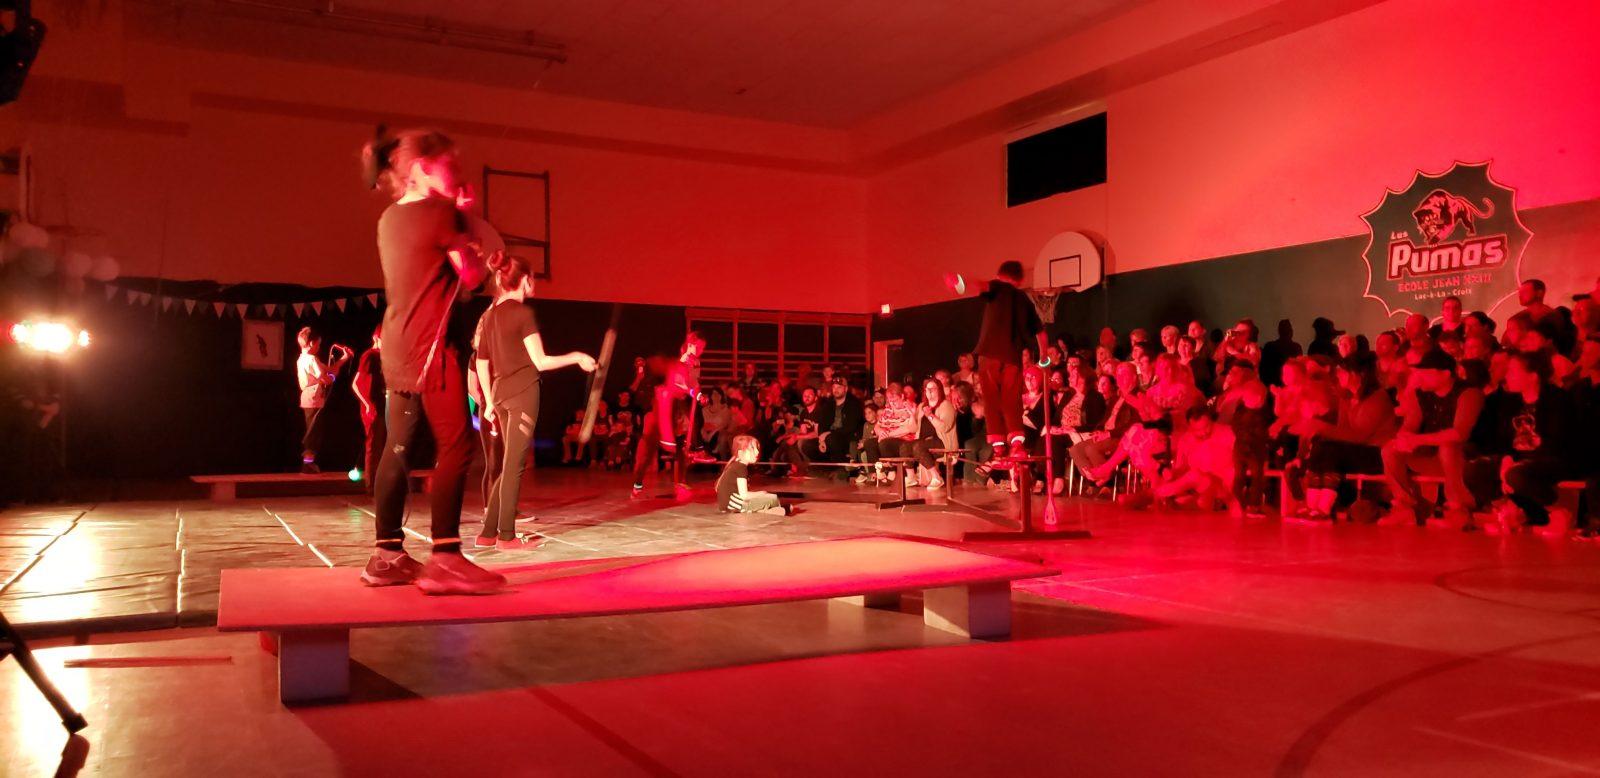 École Jean XXIII : Un spectacle de cirque haut en couleur